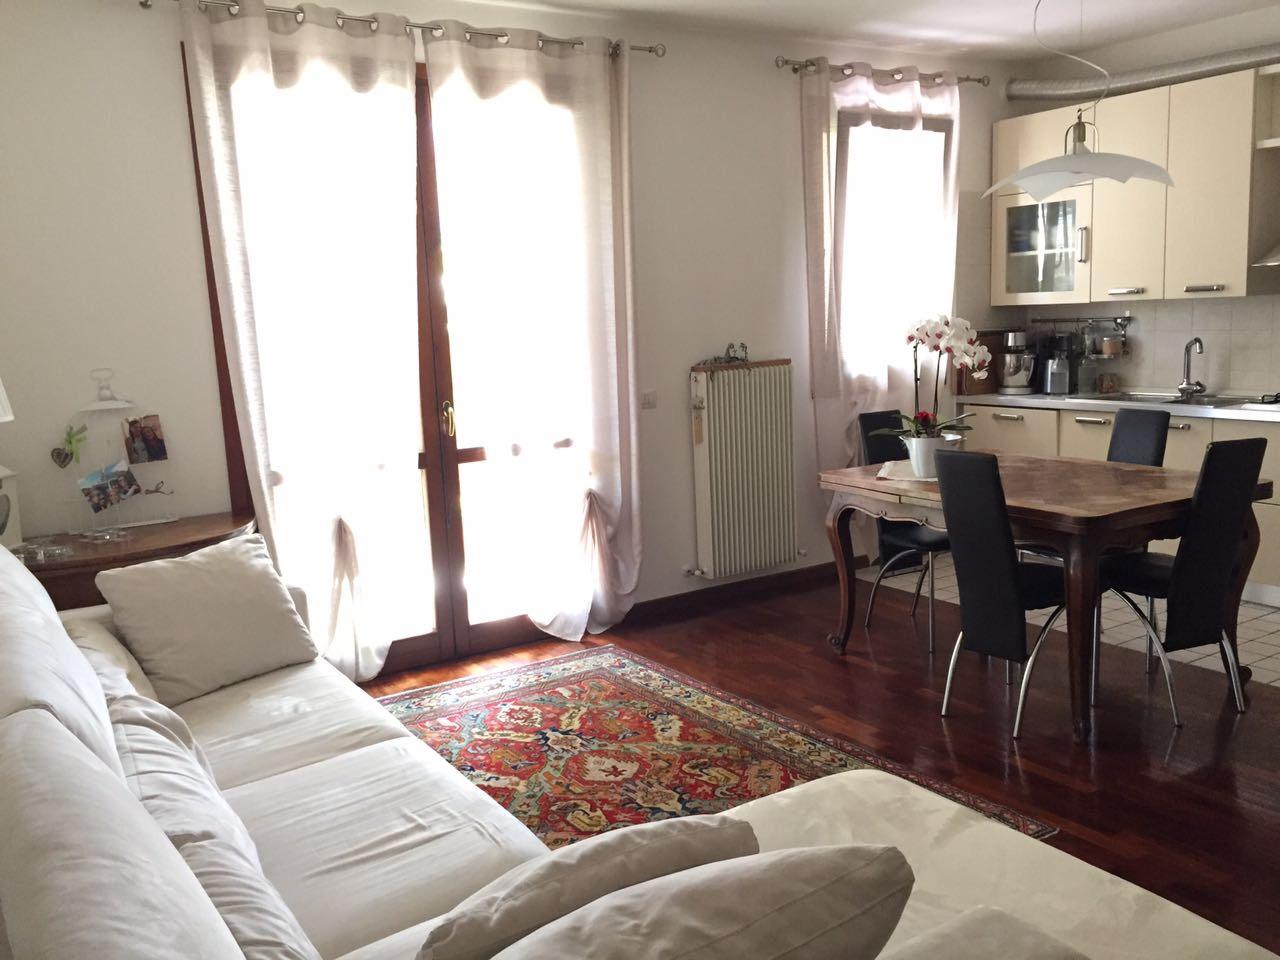 Appartamento in vendita a Silea, 5 locali, zona Zona: Cendon, prezzo € 129.000   CambioCasa.it